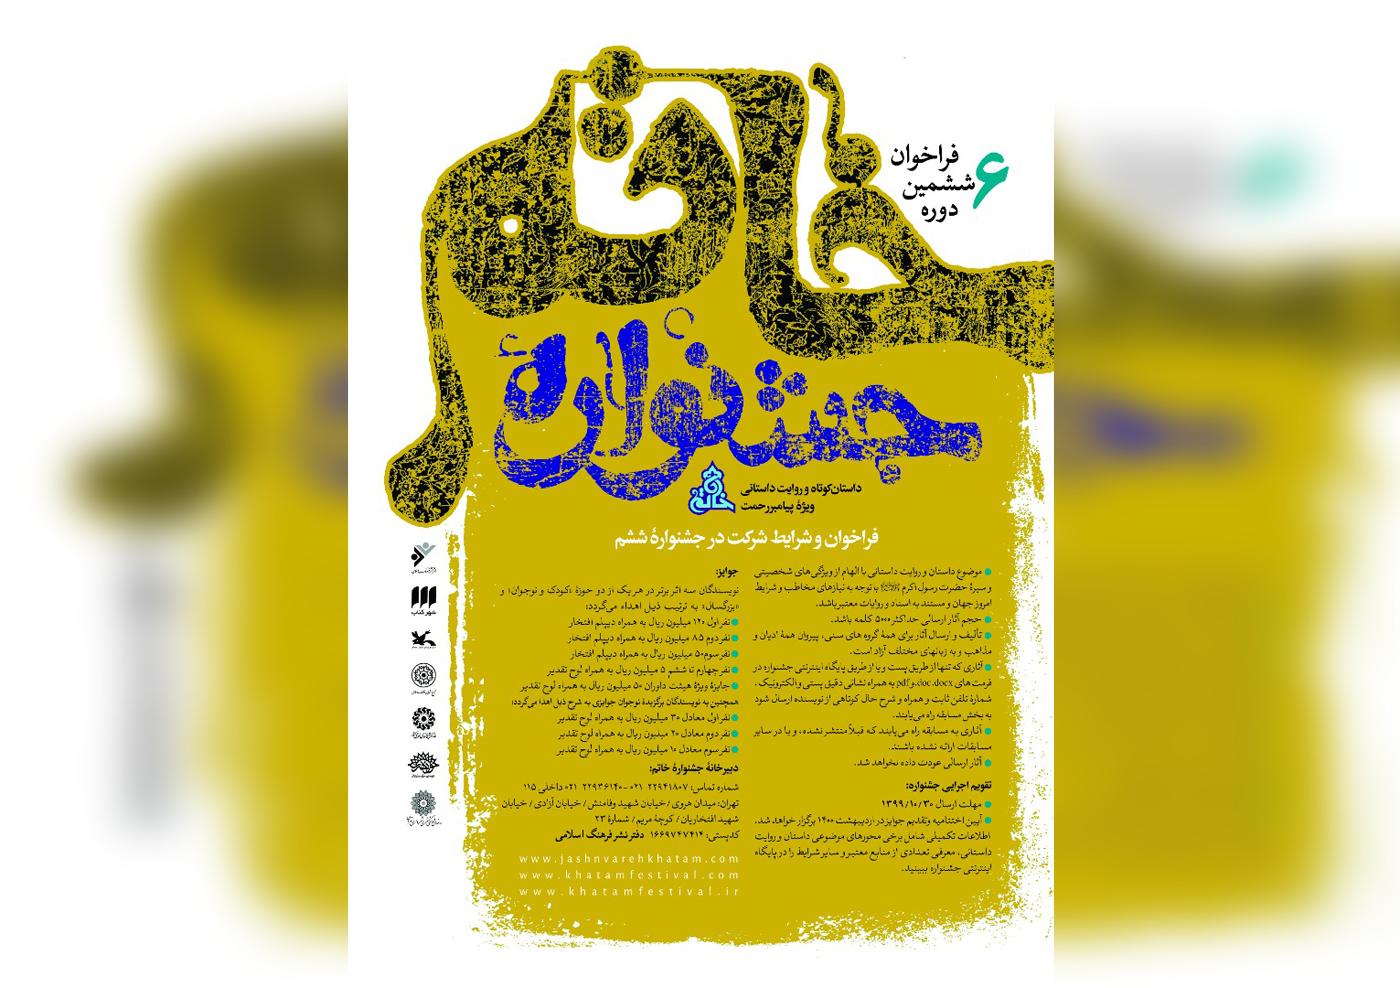 فراخوان ششمین دوره جشنواره «خاتم» منتشر شد